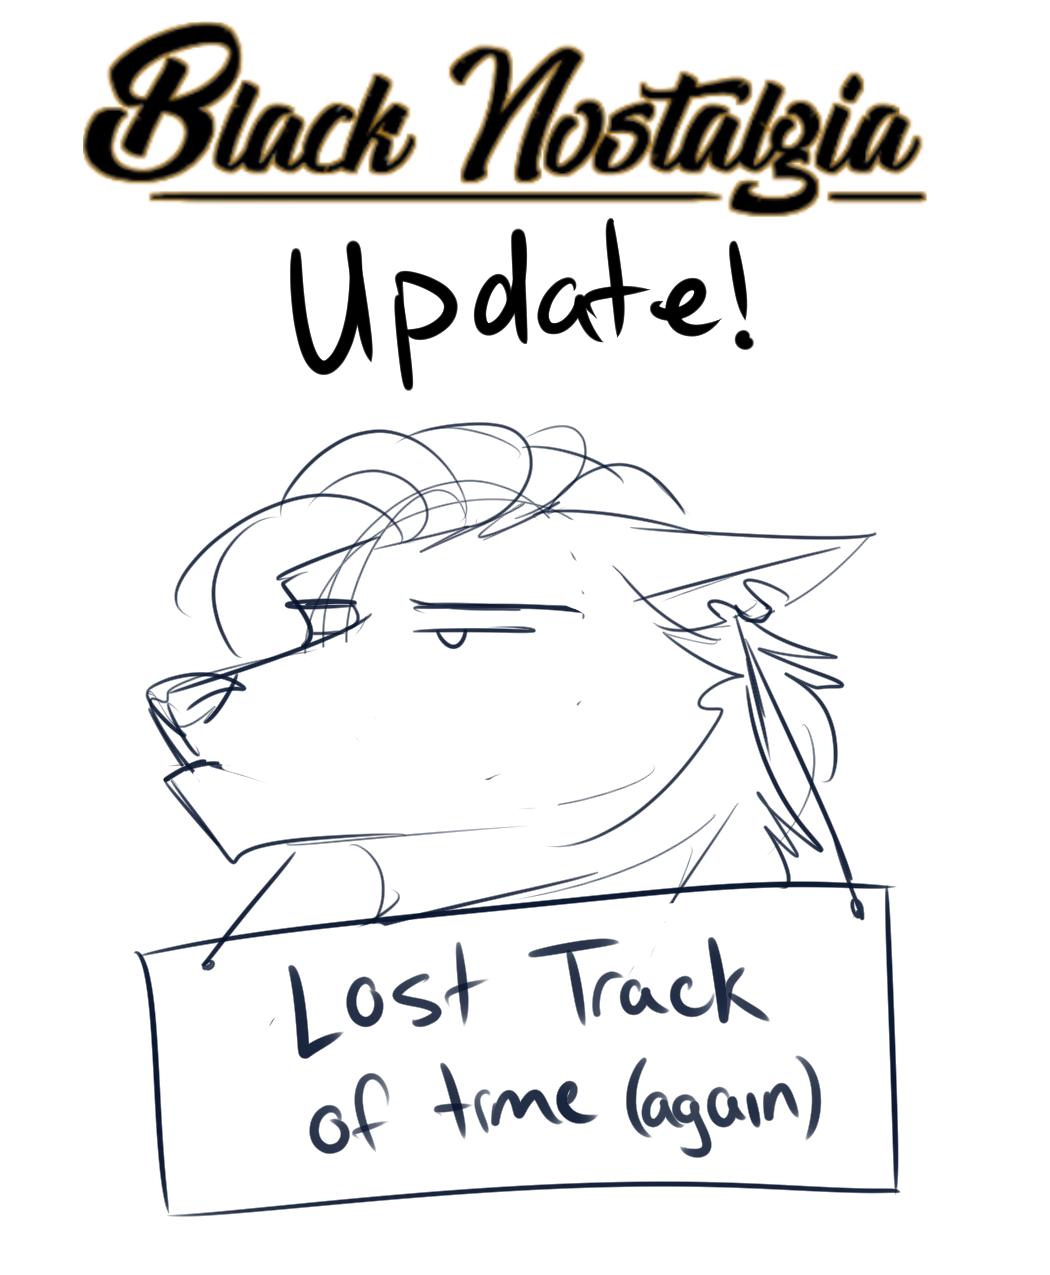 Update 8/29/2020